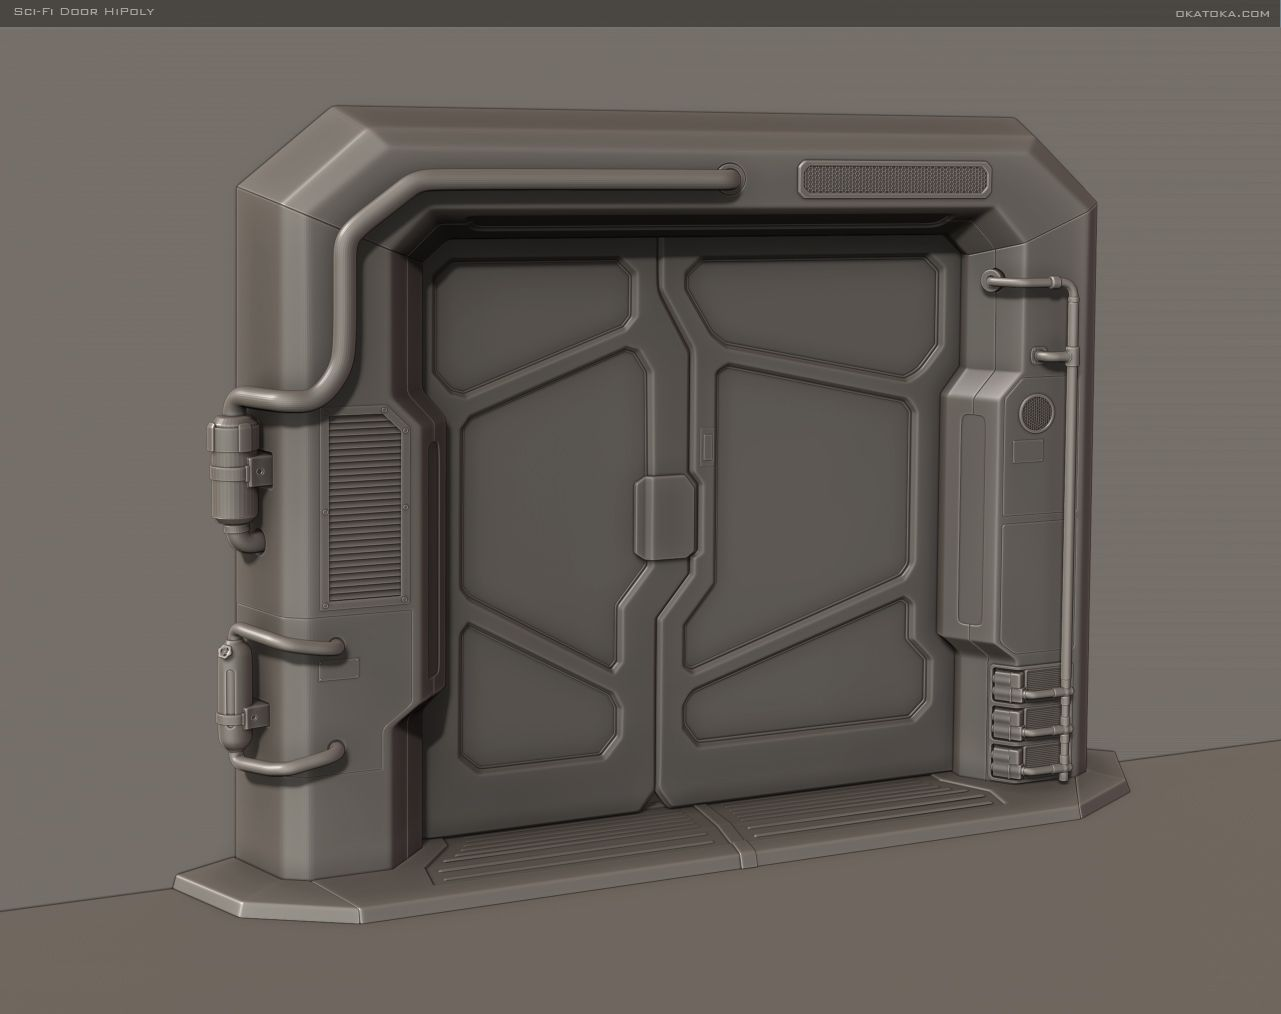 Image result for sci fi spaceship door